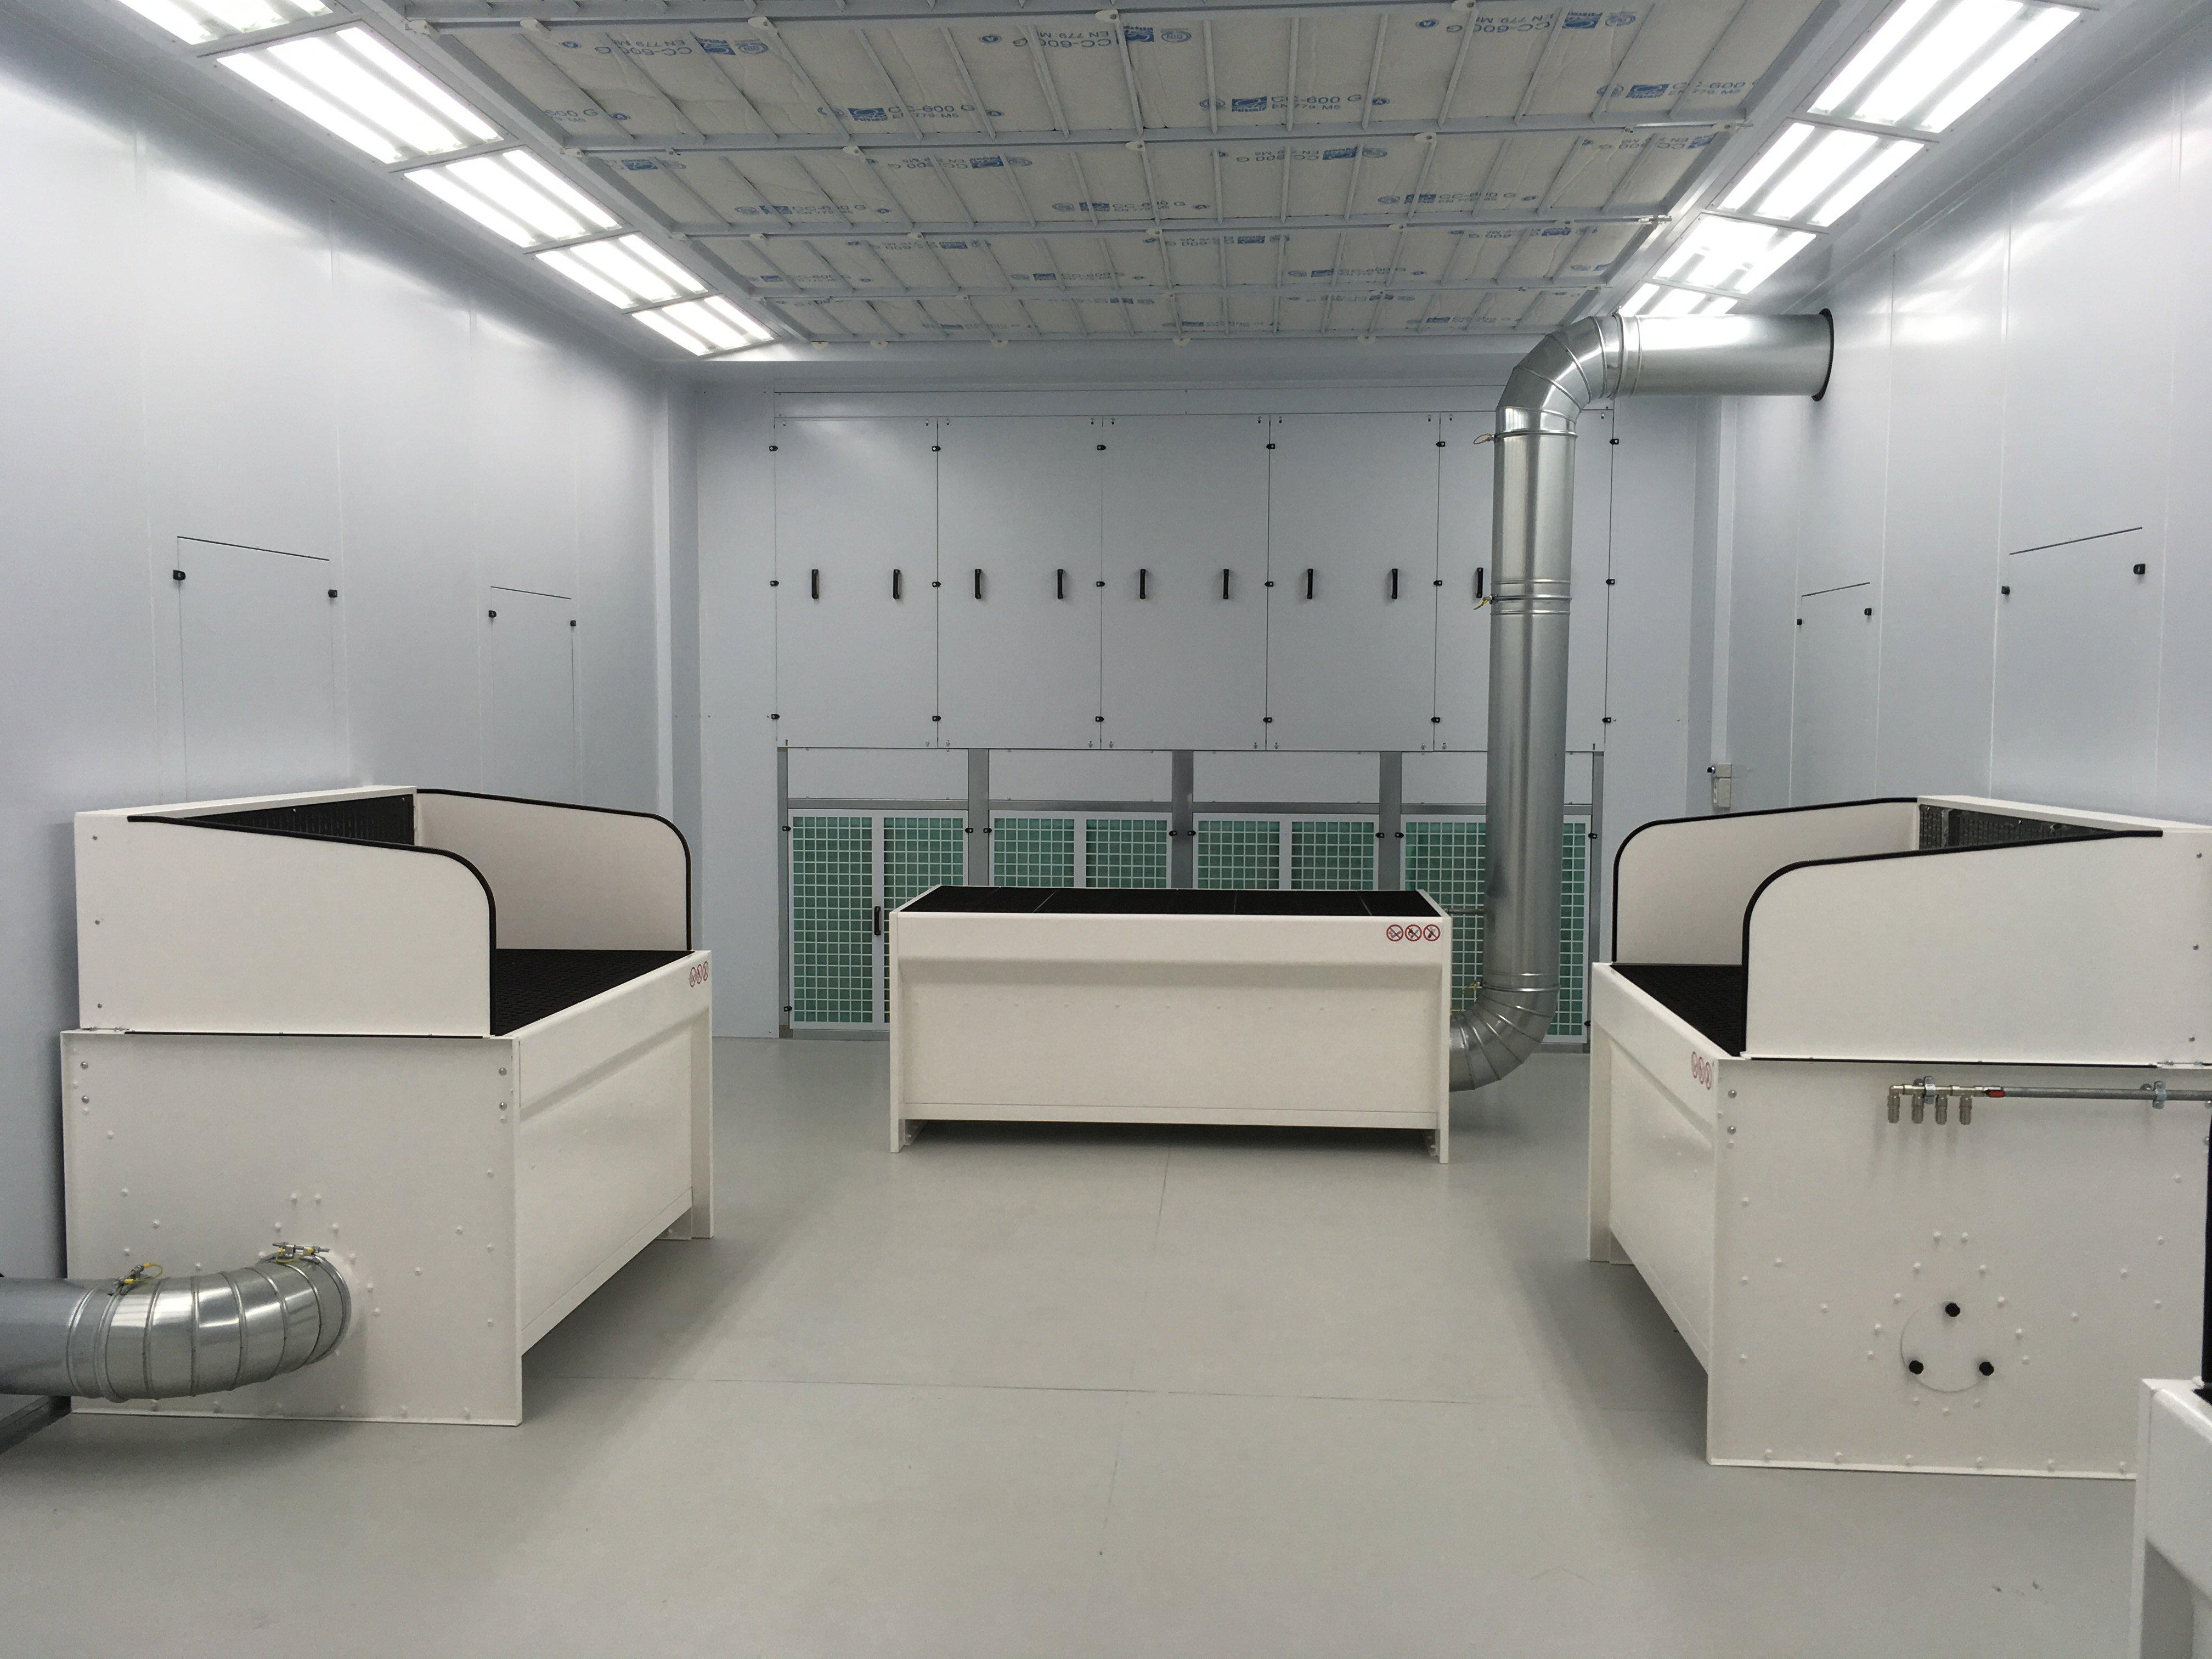 vista interna di impianto con banchi aspiranti